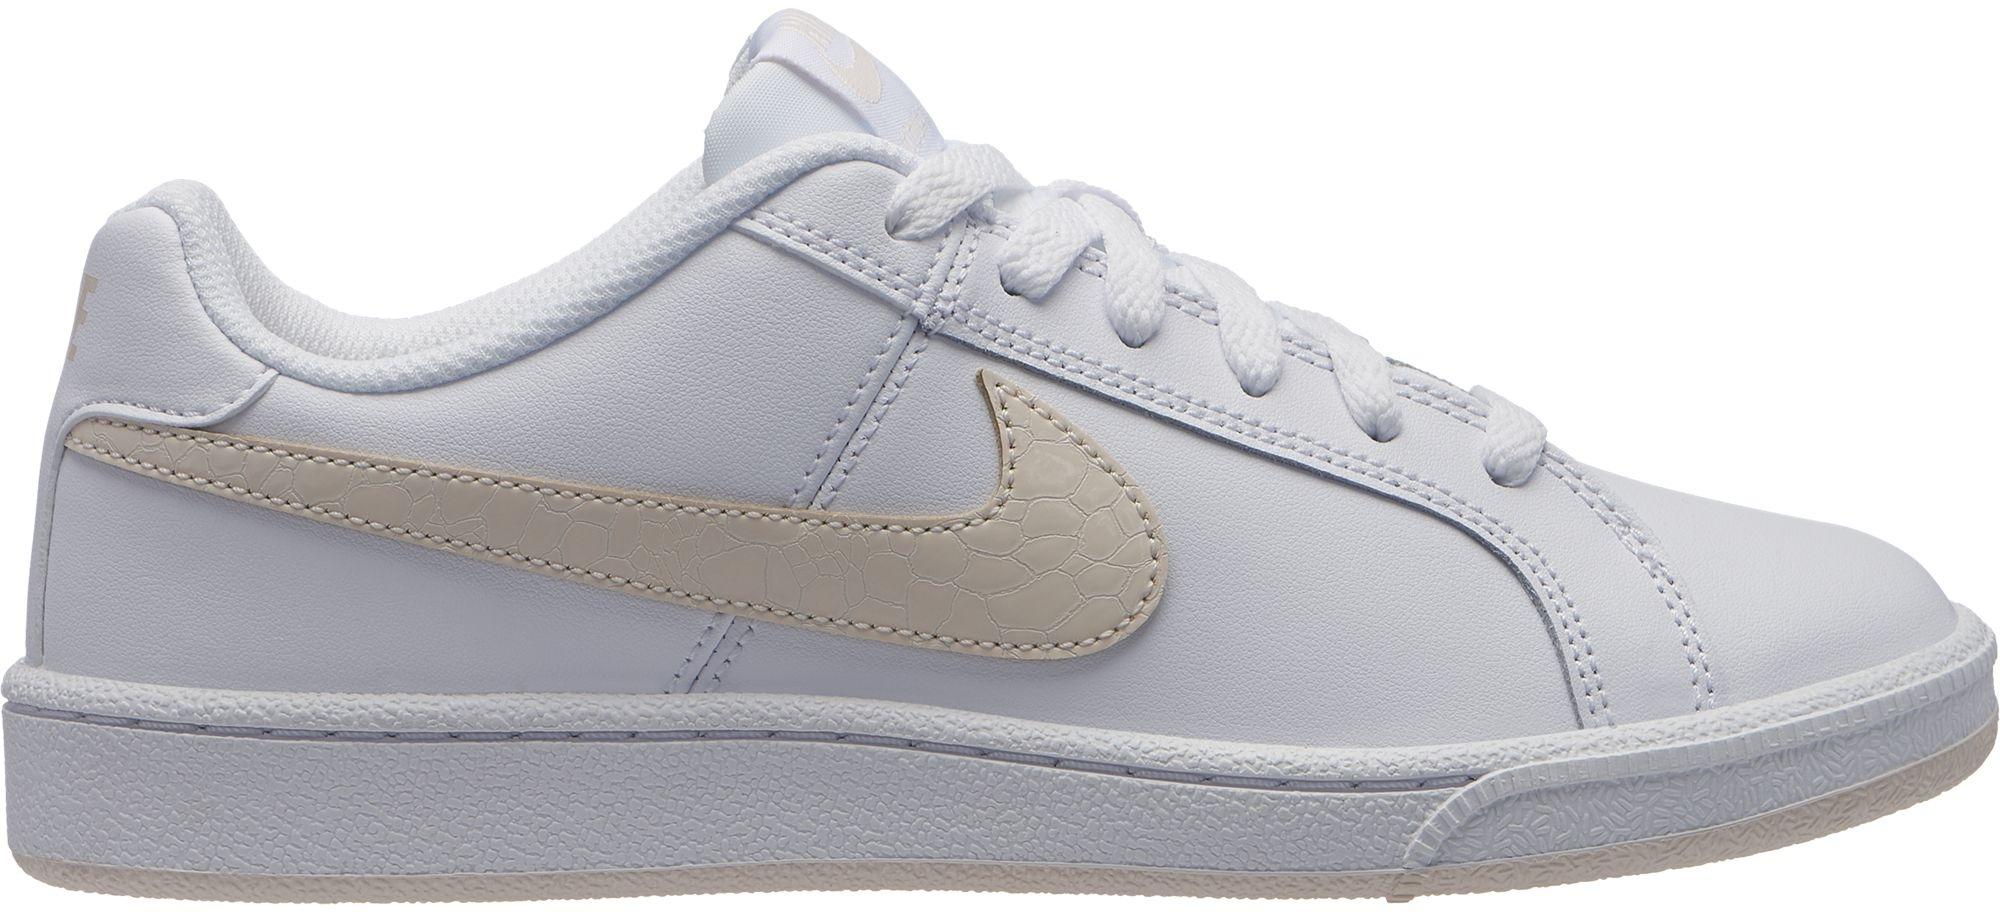 Nike COURT ROYALE SHOE. Dámské vycházkové boty 602afcd586